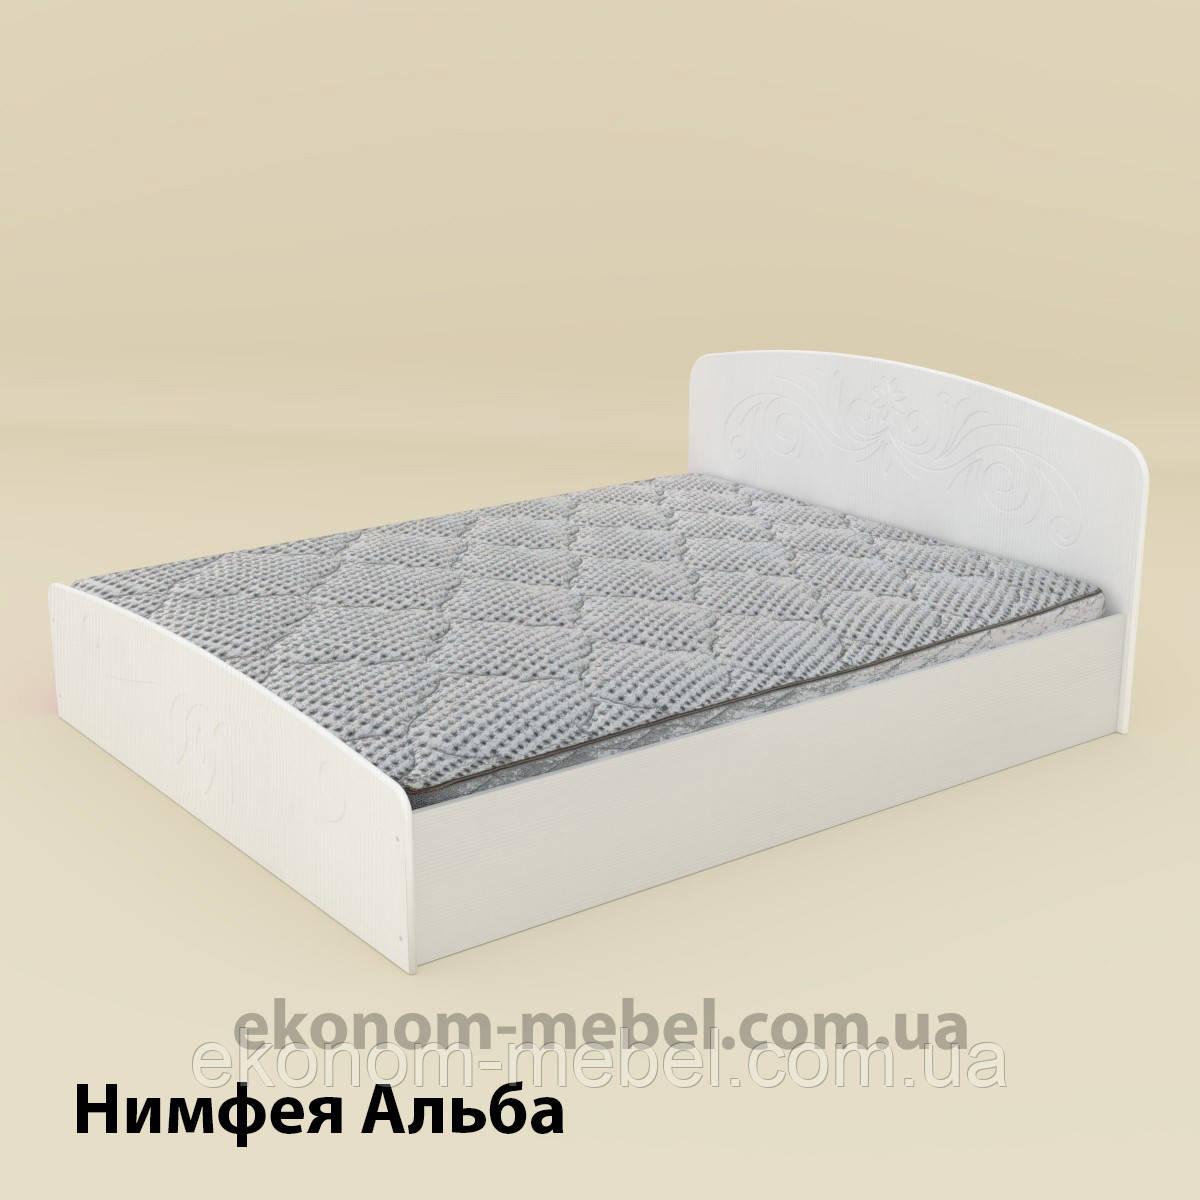 Кровать Нежность-140 МДФ полуторная стандартная с нишей для хранения